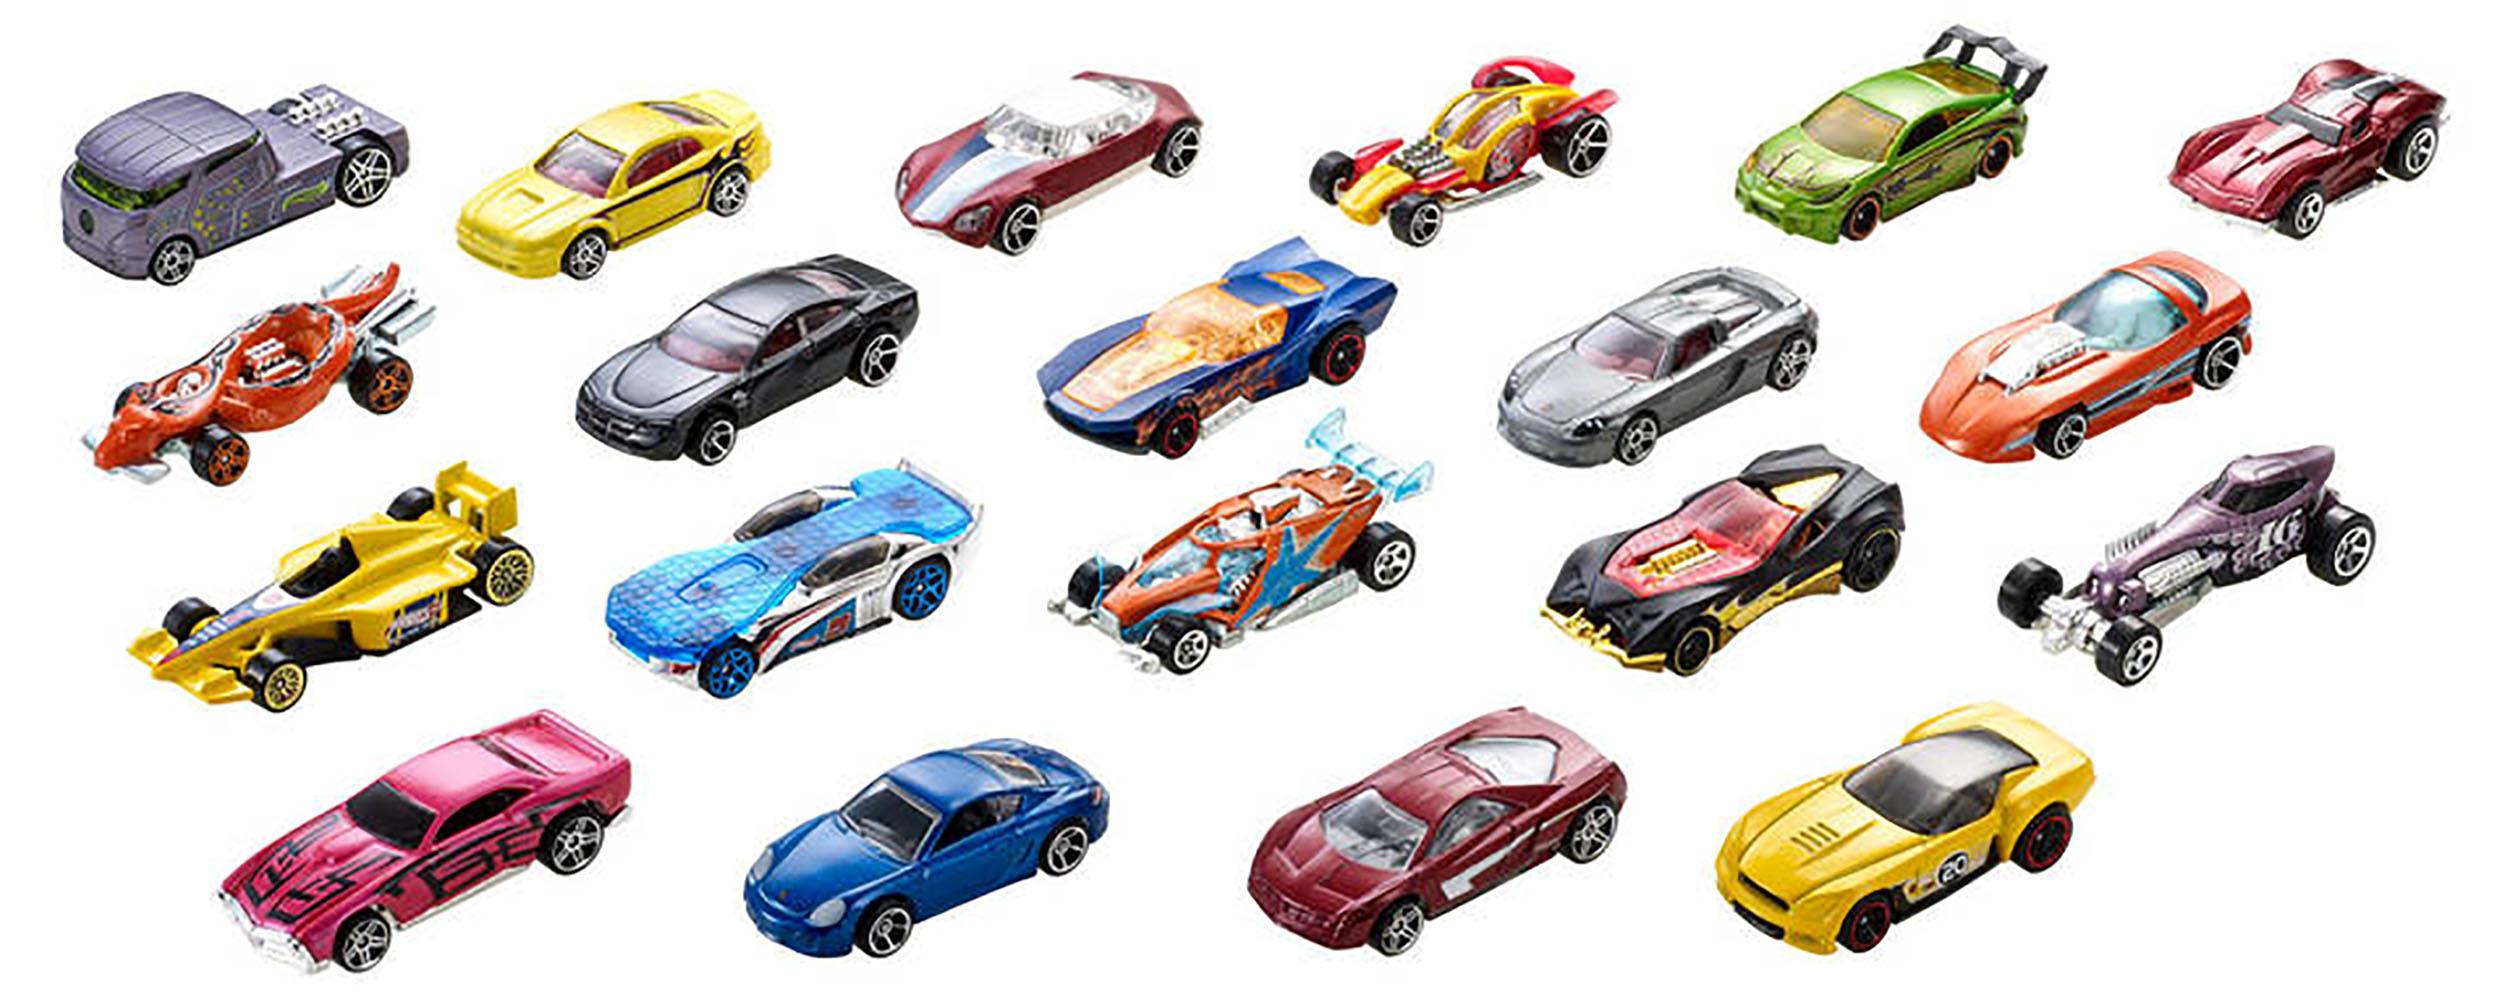 Hot Wheels Ensemble de 20 voitures